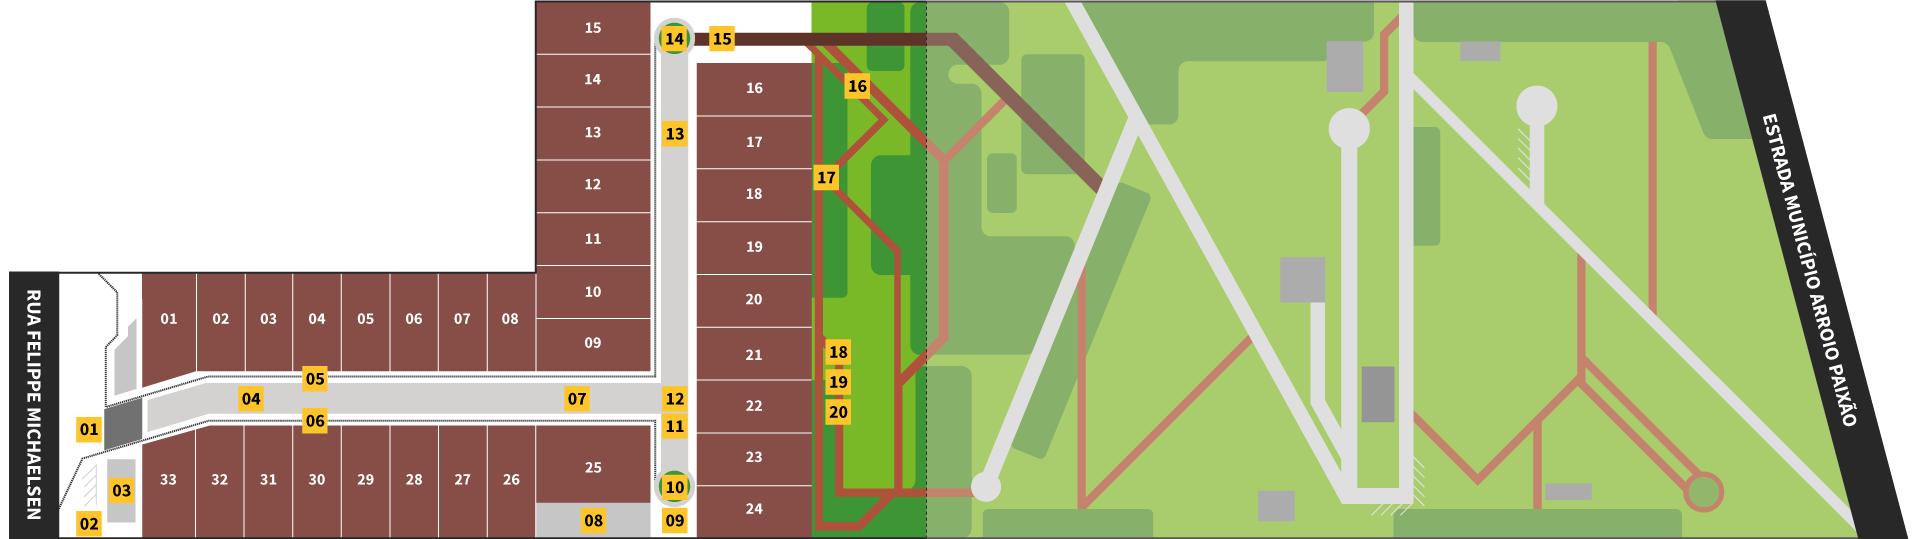 Implantação Urbana dos Lotes e Terrenos do Condomínio Blumen Haus em Nova Petrópolis na Serra Gaúcha